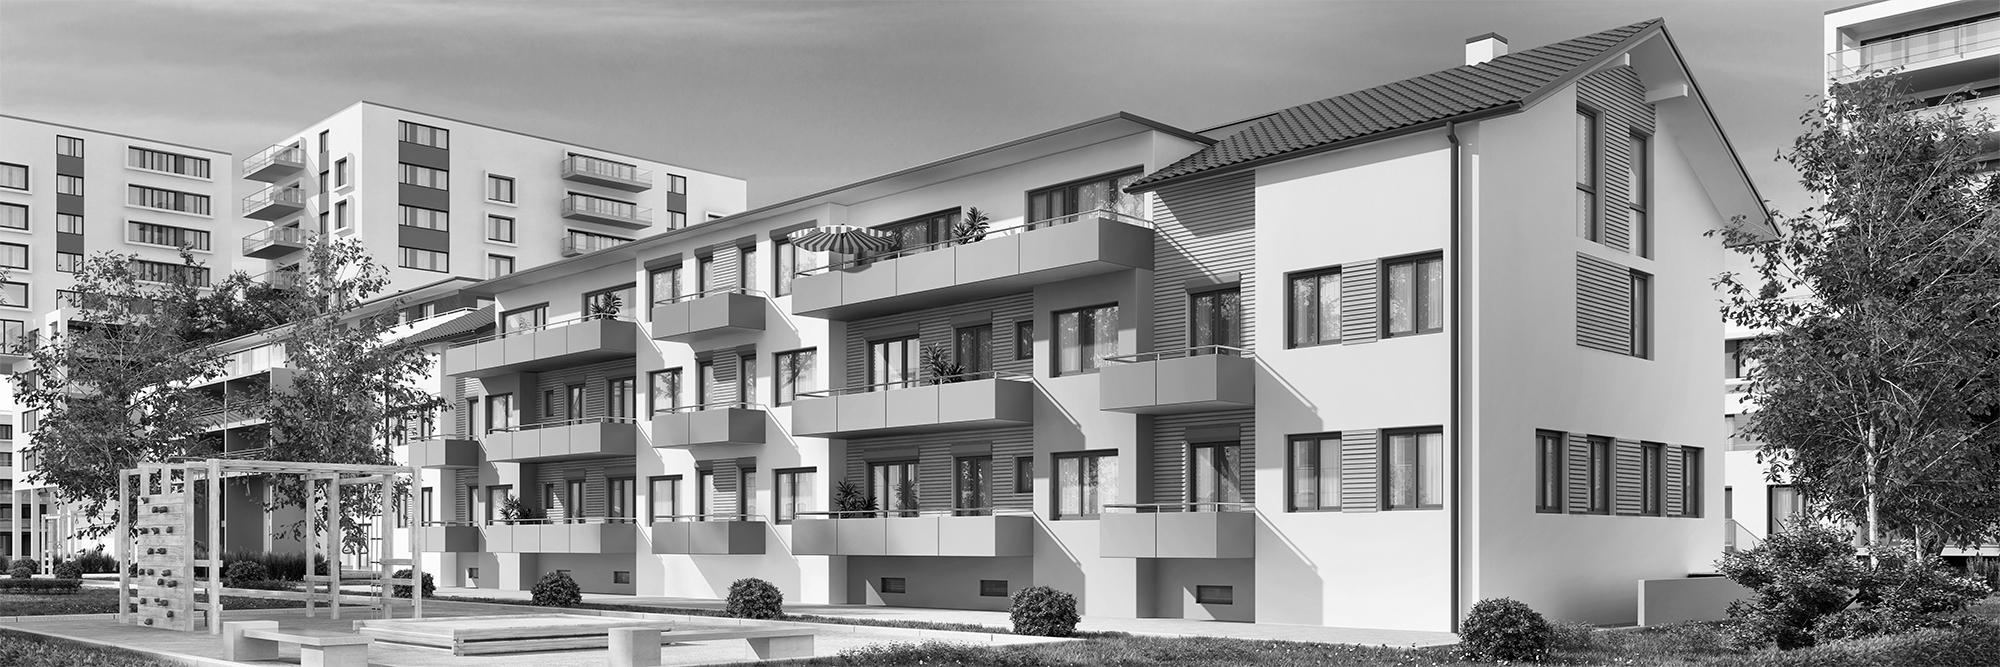 Senior Living Architecture